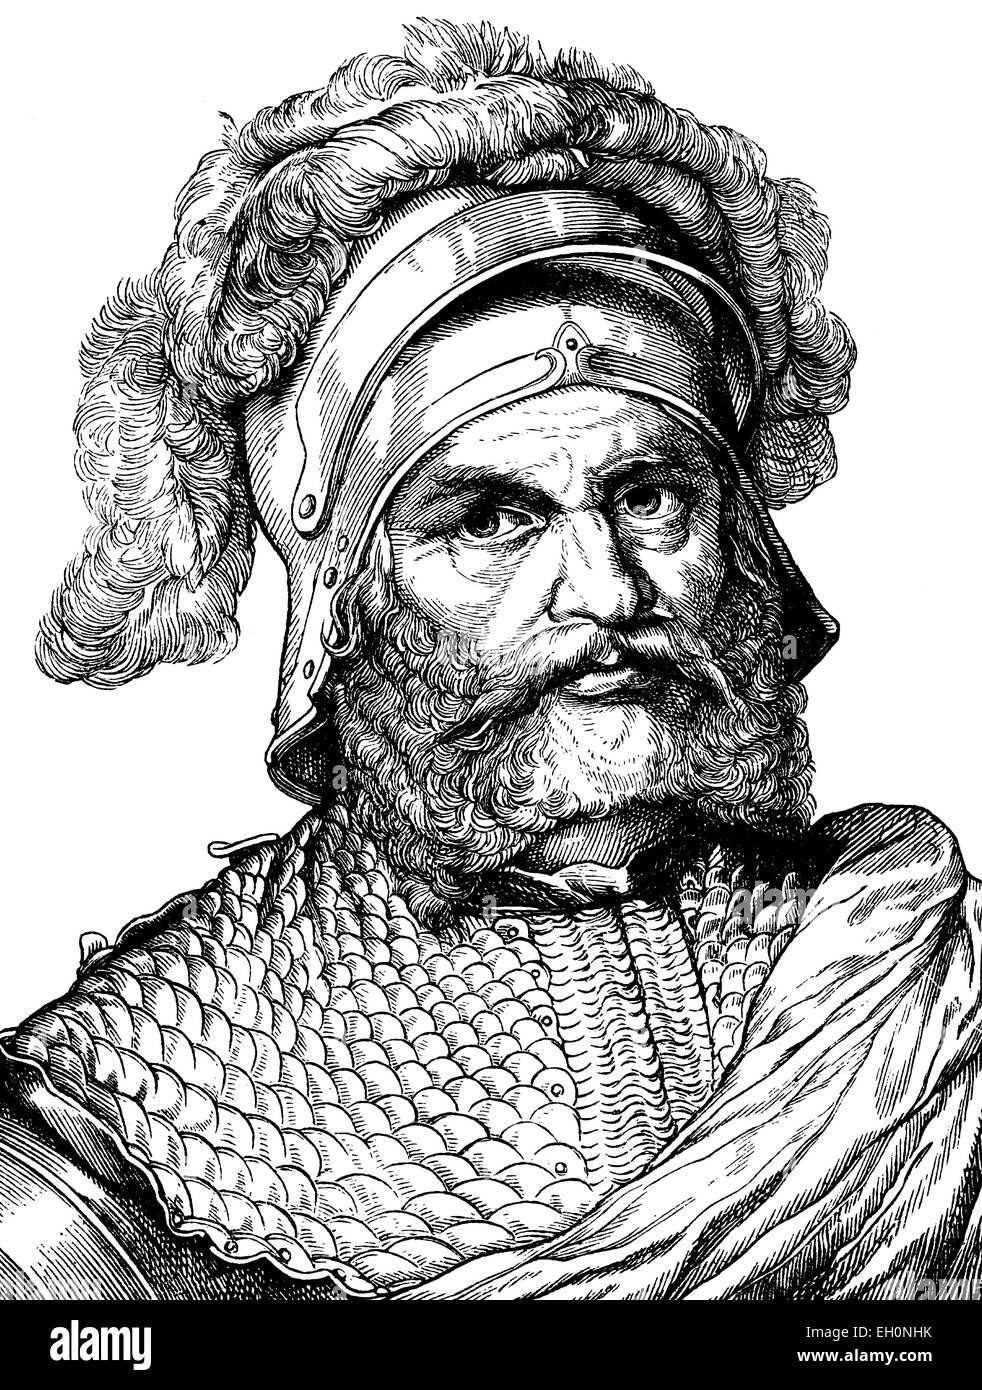 Digital verbessert Bild von Georg von Frundsberg, Landsknecht führend im Imperial Habsburg-Services, 1473-1528, Stockbild